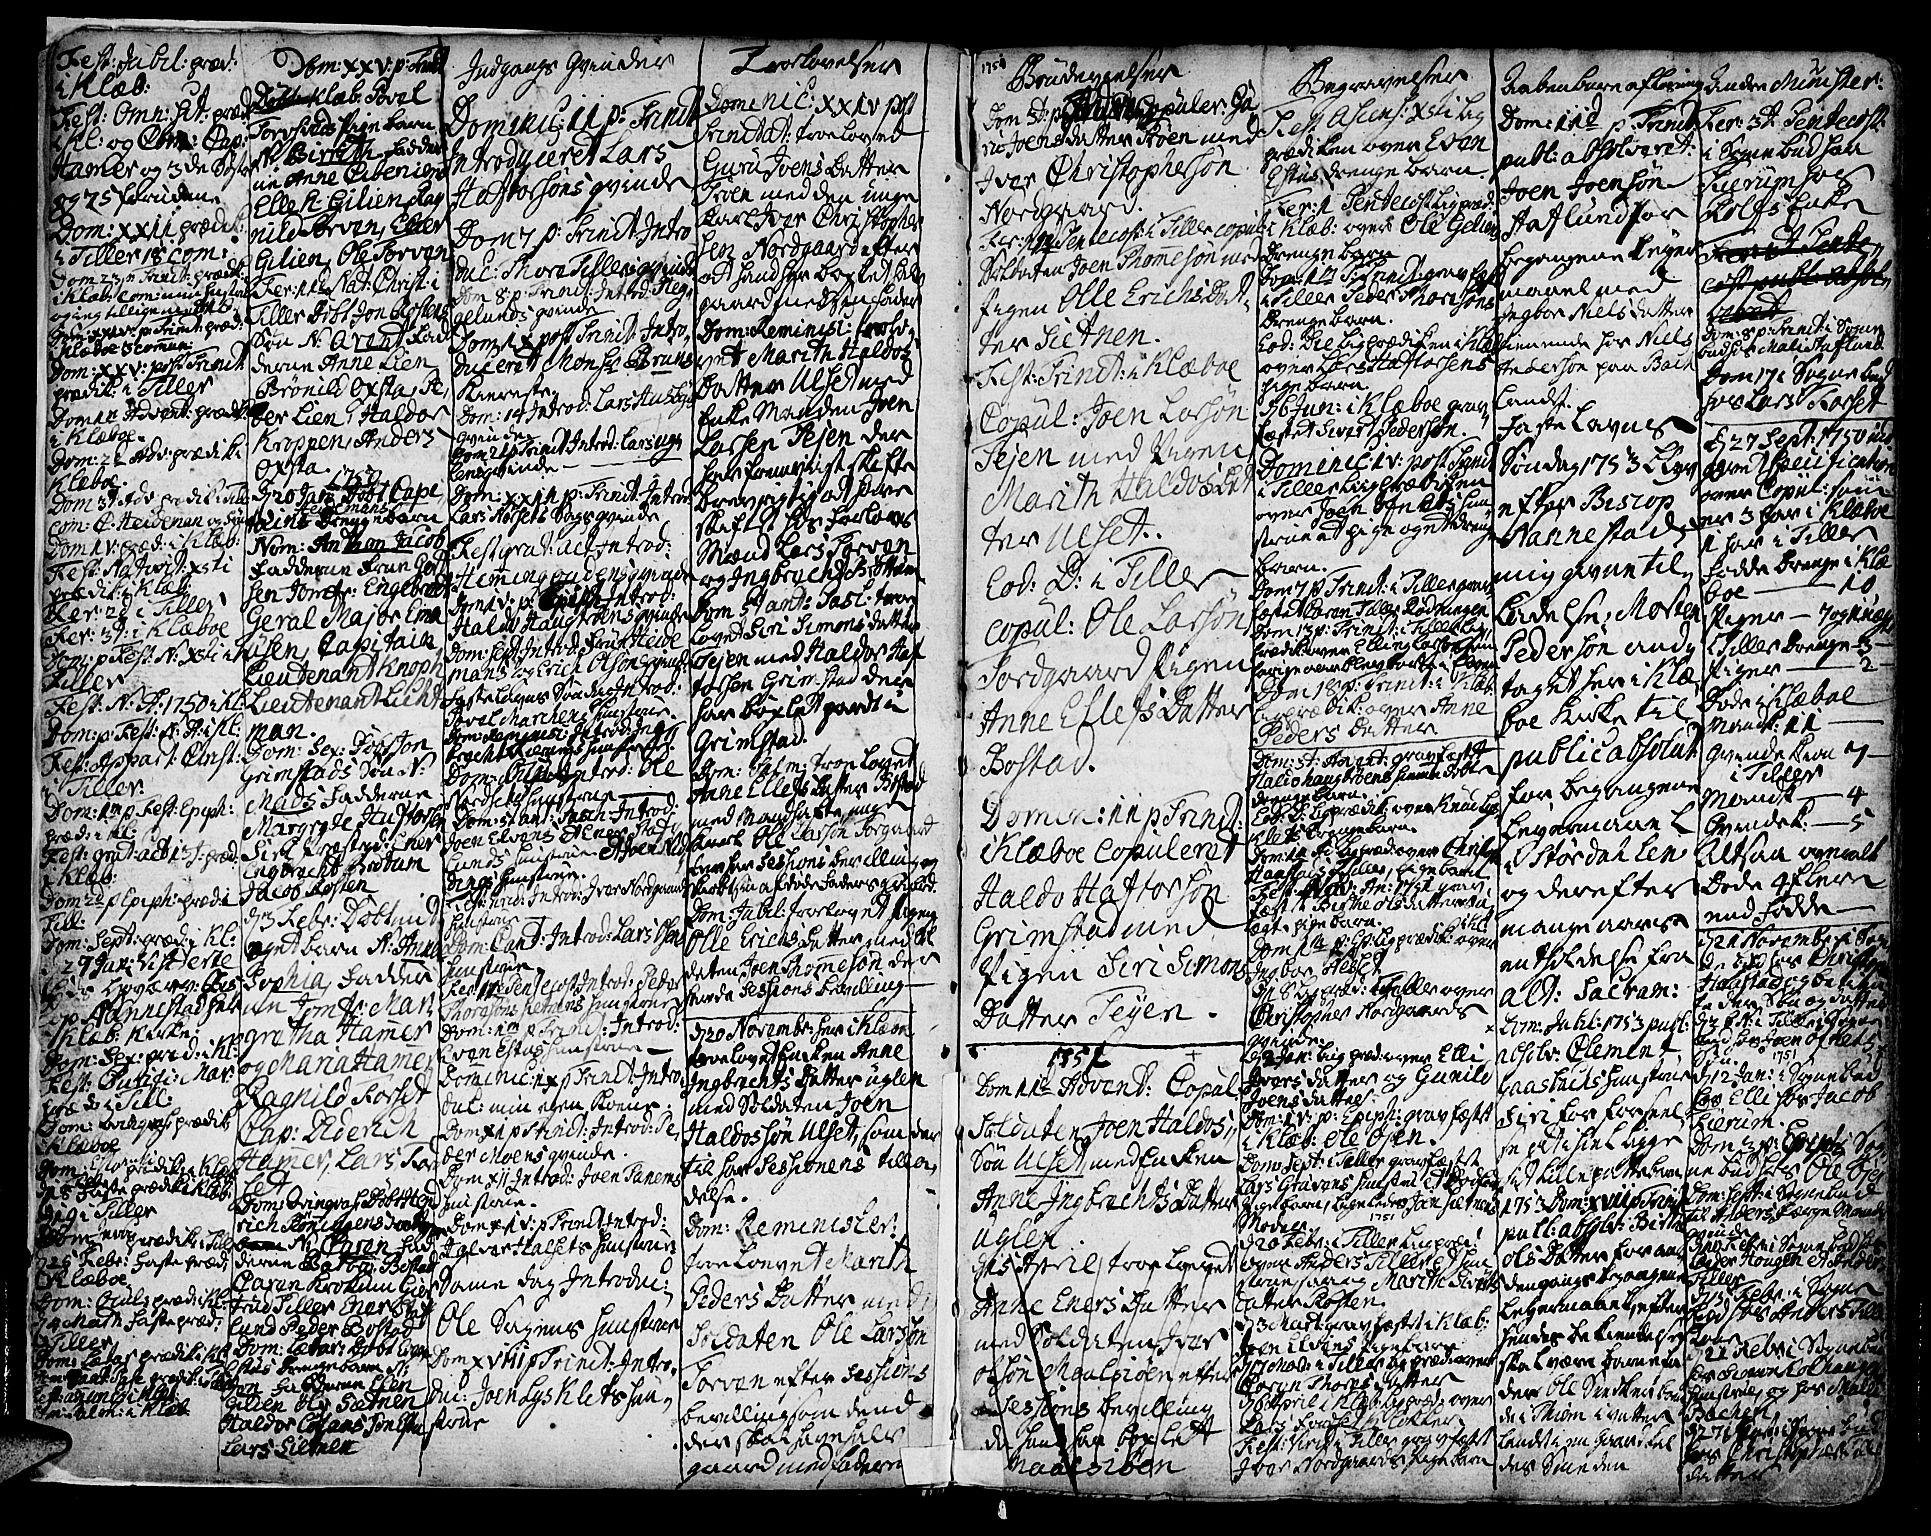 SAT, Ministerialprotokoller, klokkerbøker og fødselsregistre - Sør-Trøndelag, 618/L0437: Ministerialbok nr. 618A02, 1749-1782, s. 2